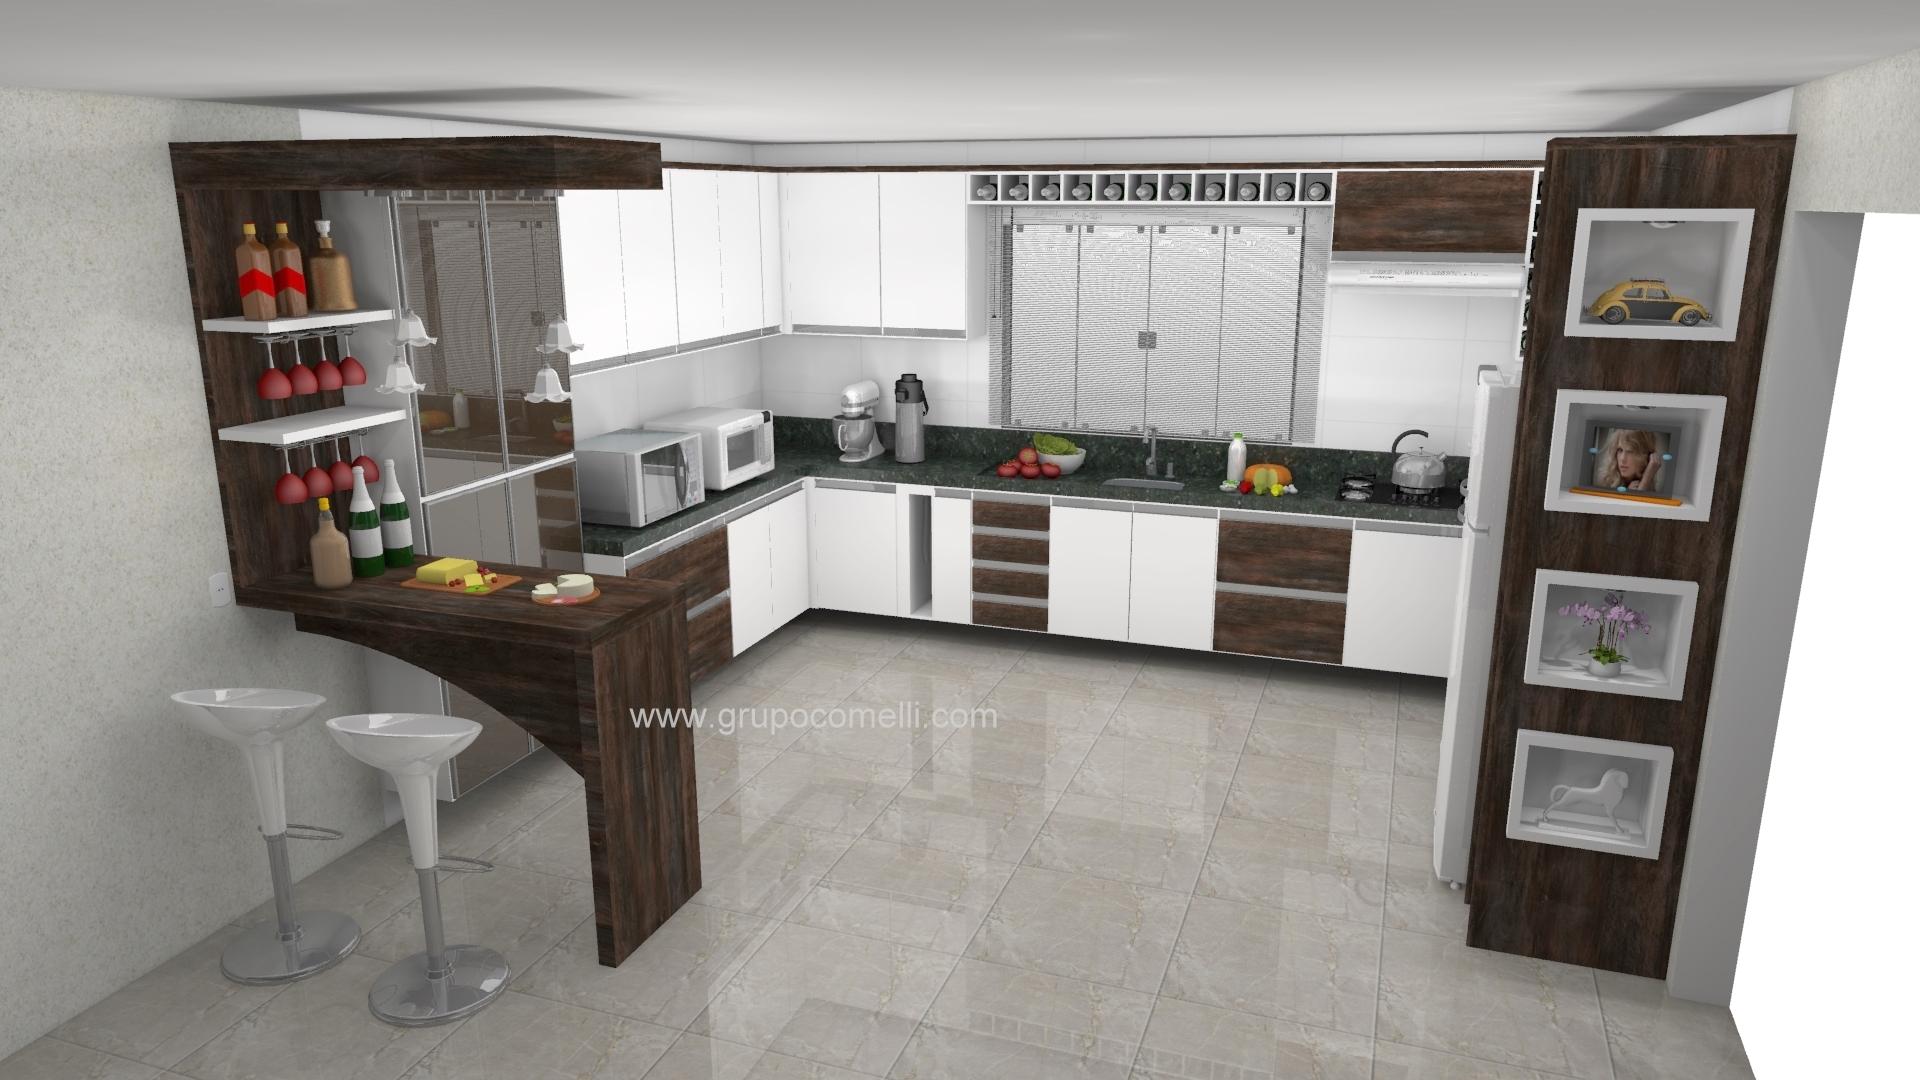 Cozinha planejada 523 #957836 1920 1080